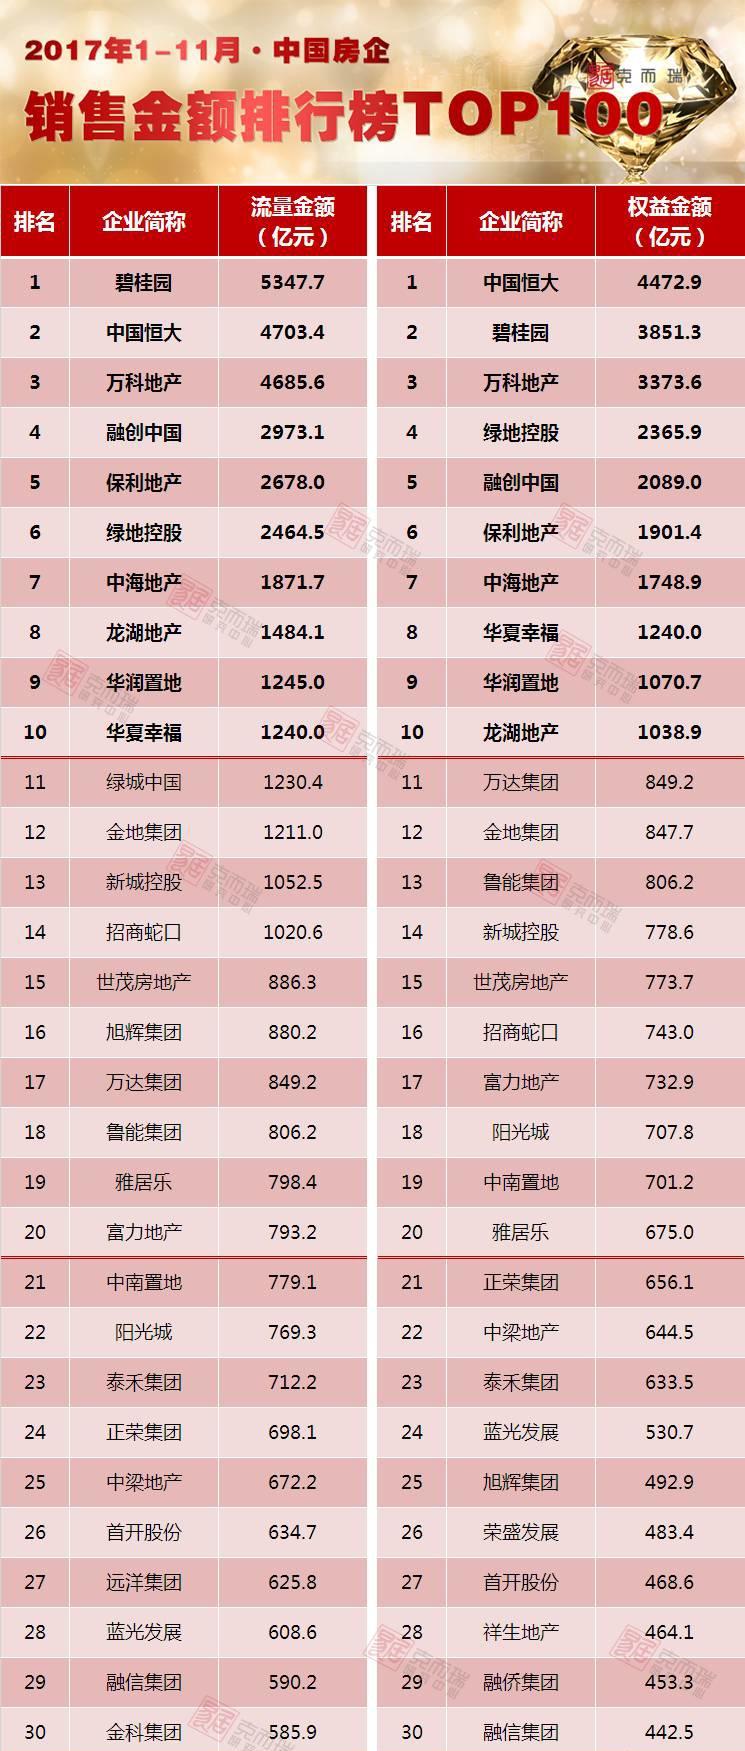 《2017年1-11月中国房地产企业销售TOP100》排行榜发布